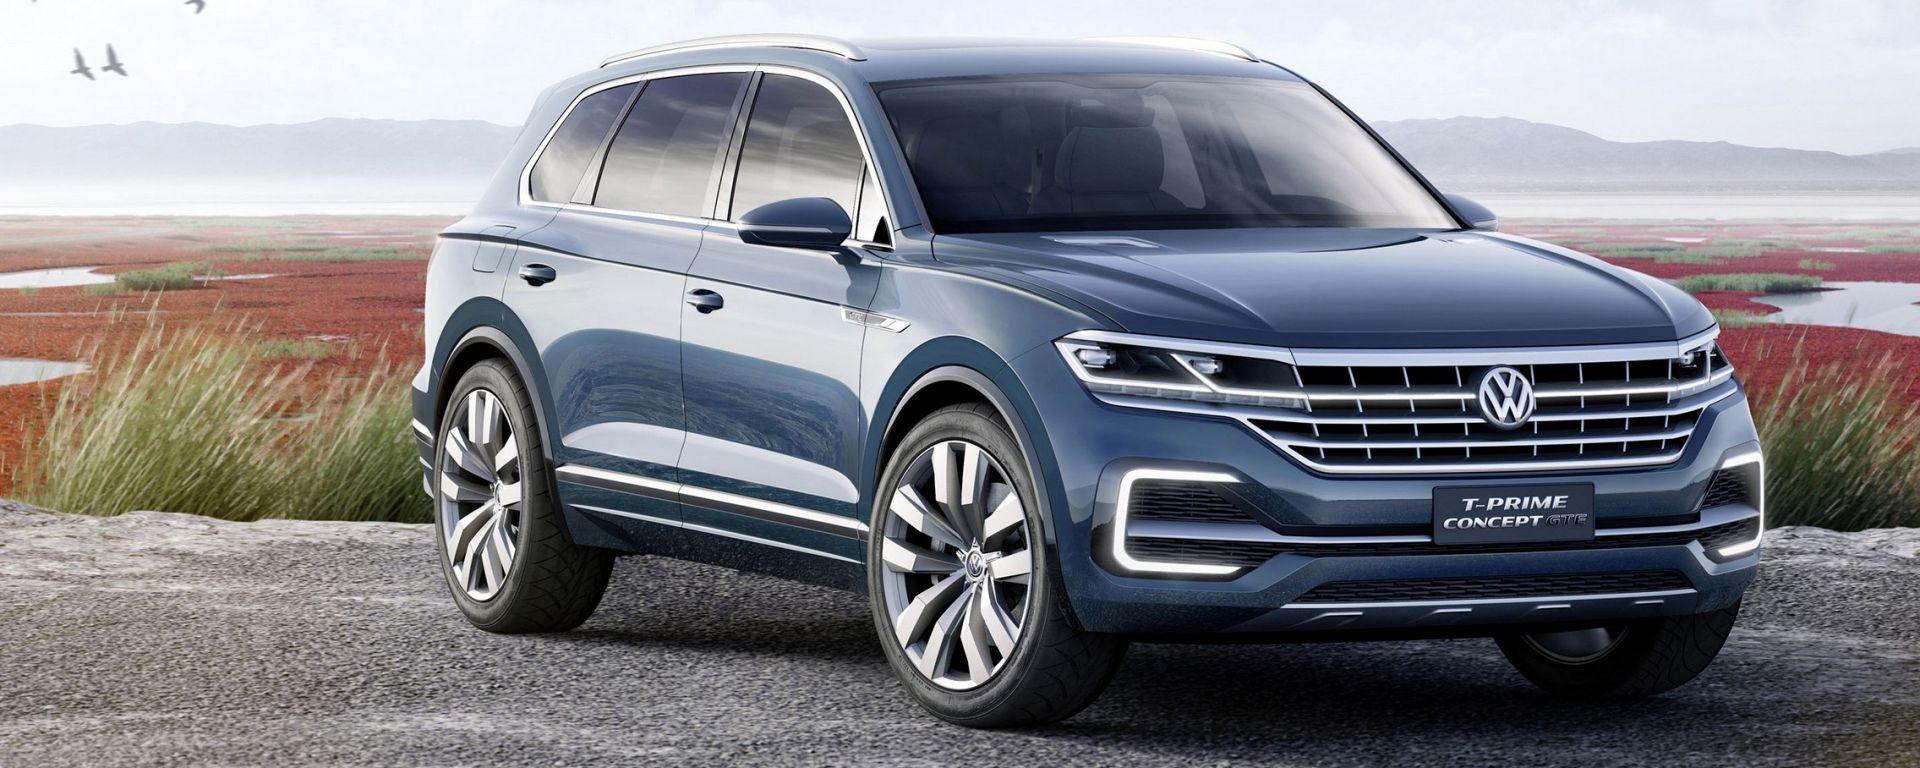 Volkswagen T-Prime Concept GTE: la Suv premiun del futuro